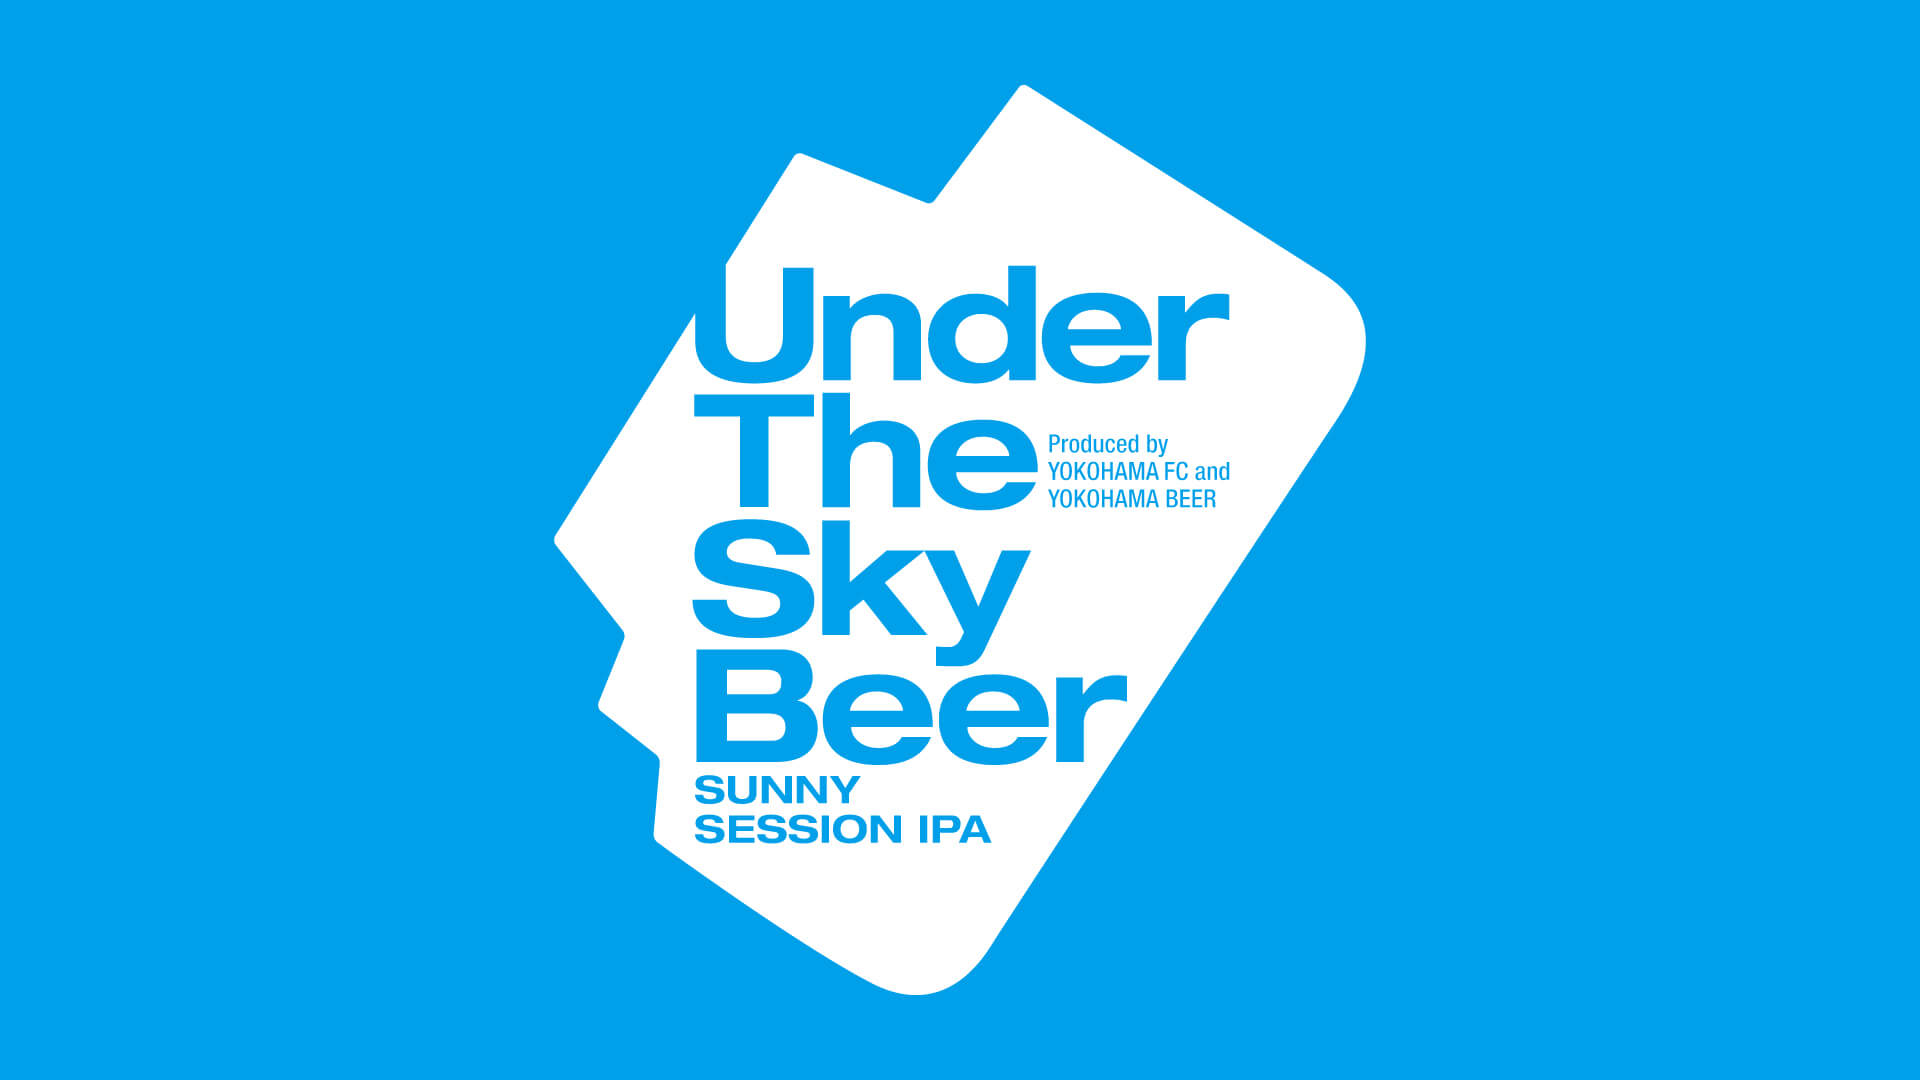 横浜FC×横浜ビールがコラボ!オリジナルビール「Under The Sky Beer~SUNNY Session IPA~」が発売に gourmet210426_yokohamabeer-210426_3